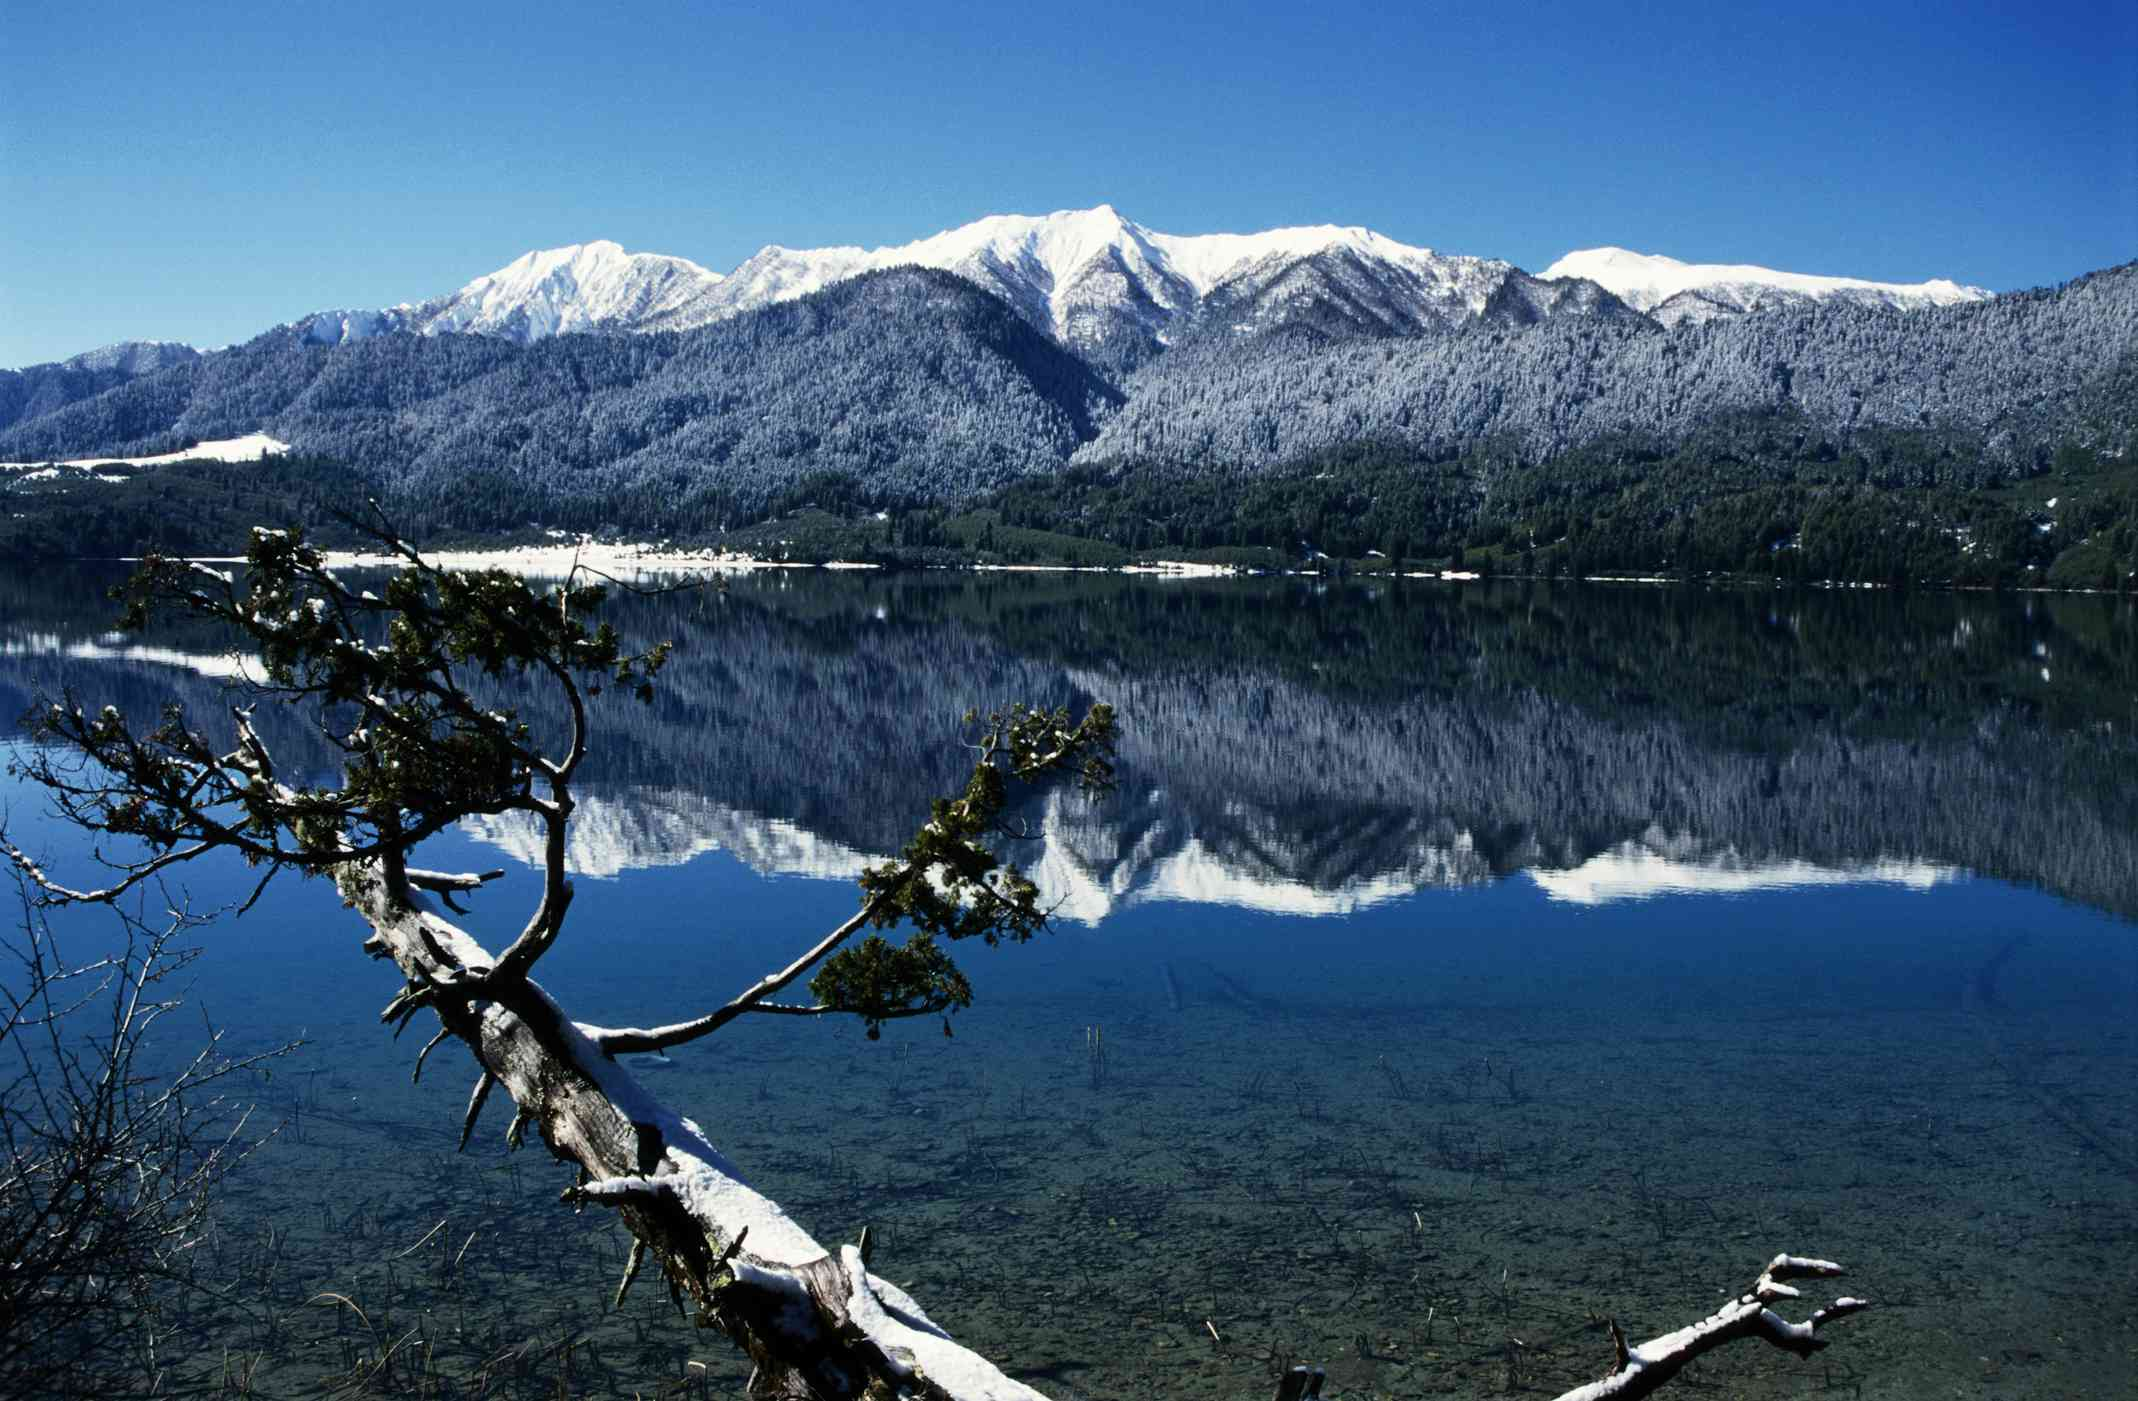 brillante lago turquesa rodeado de montañas marrones